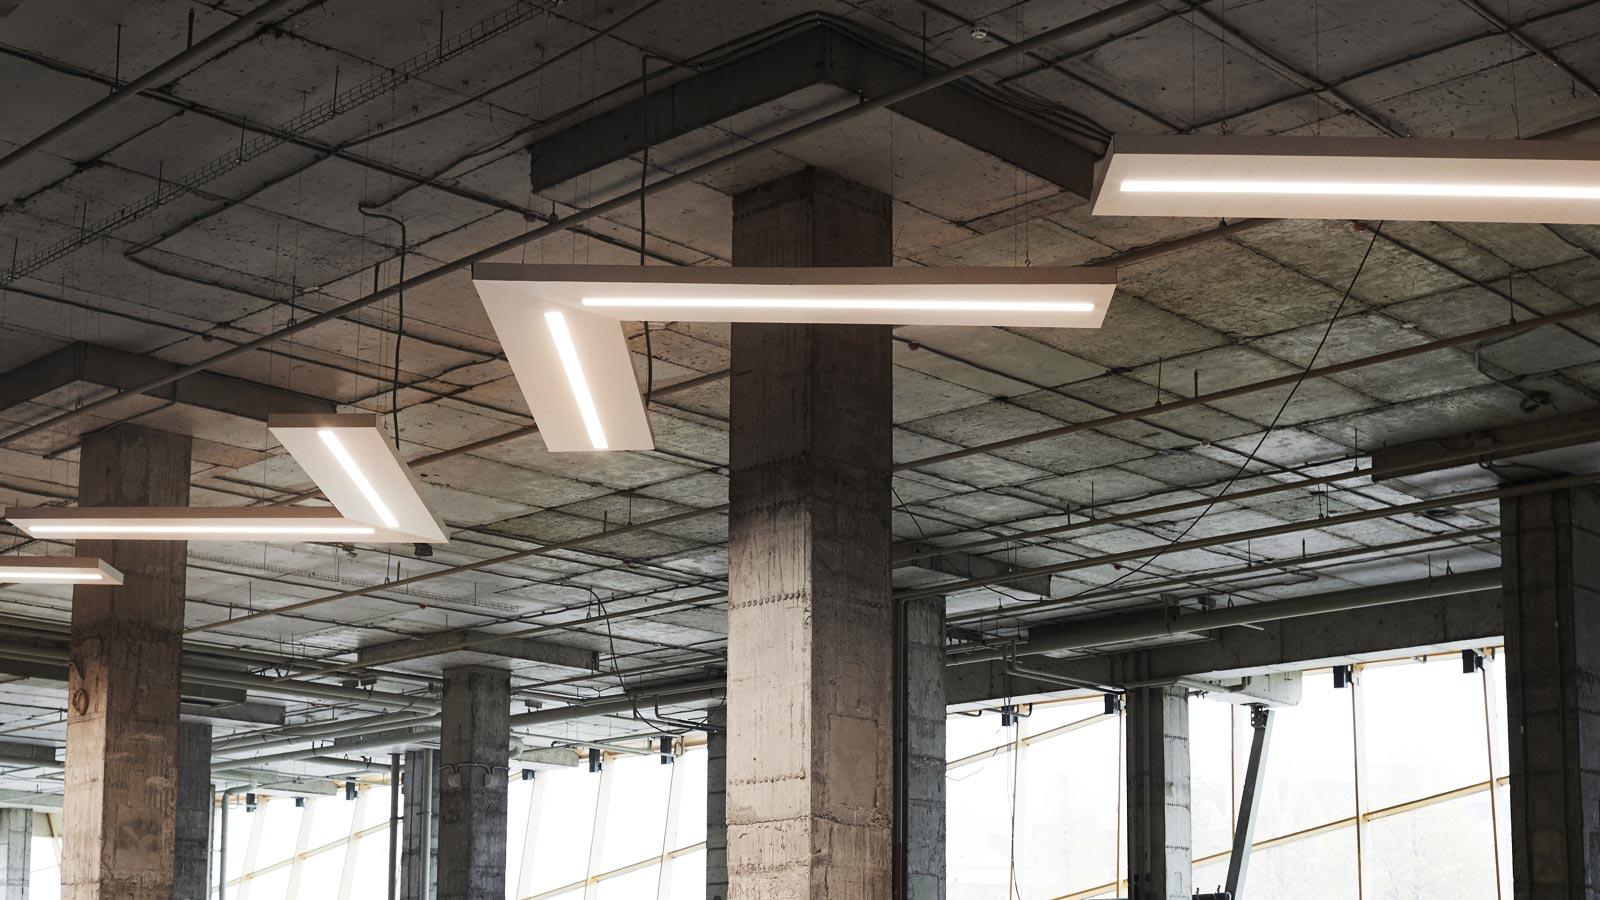 cignoli-elettroforniture-installazione-industriale-automazione-illuminazione-51